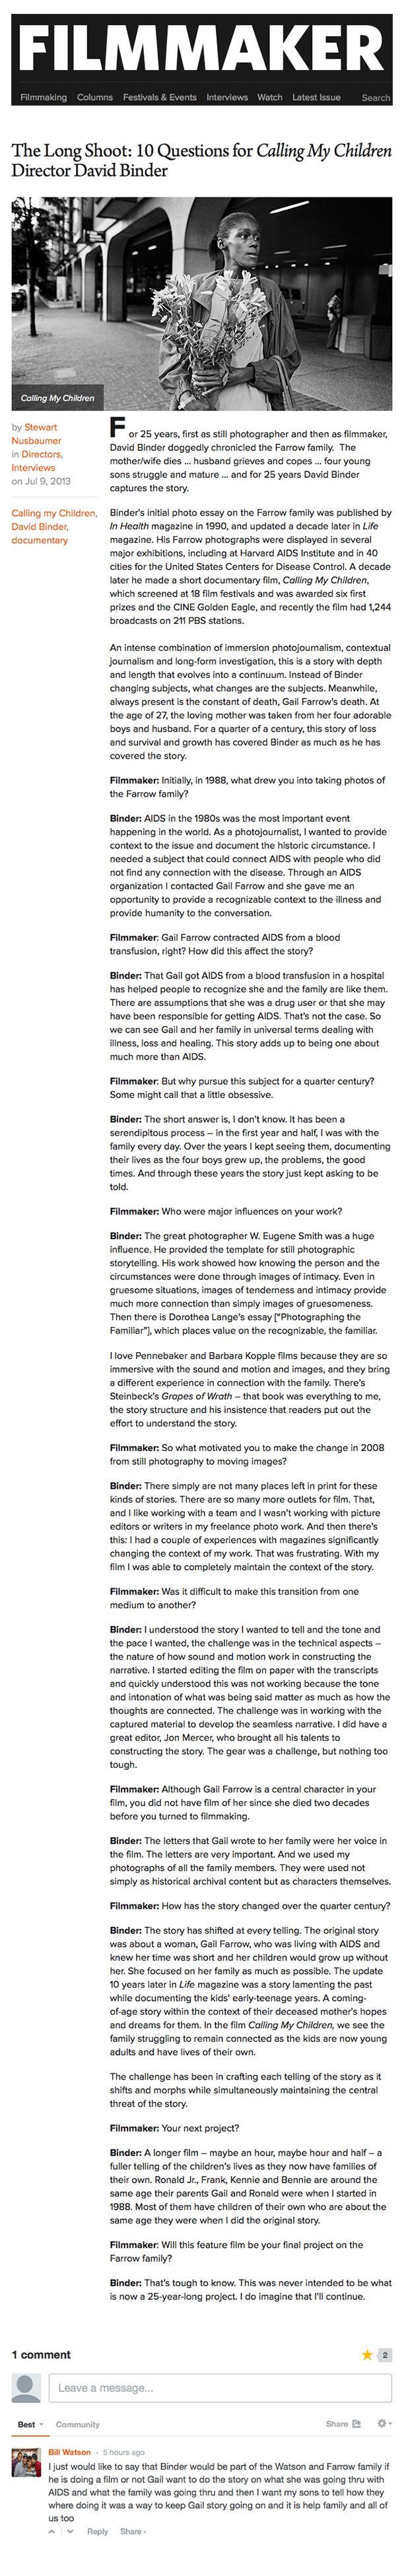 Filmmaker Magazine Interview with David Binder